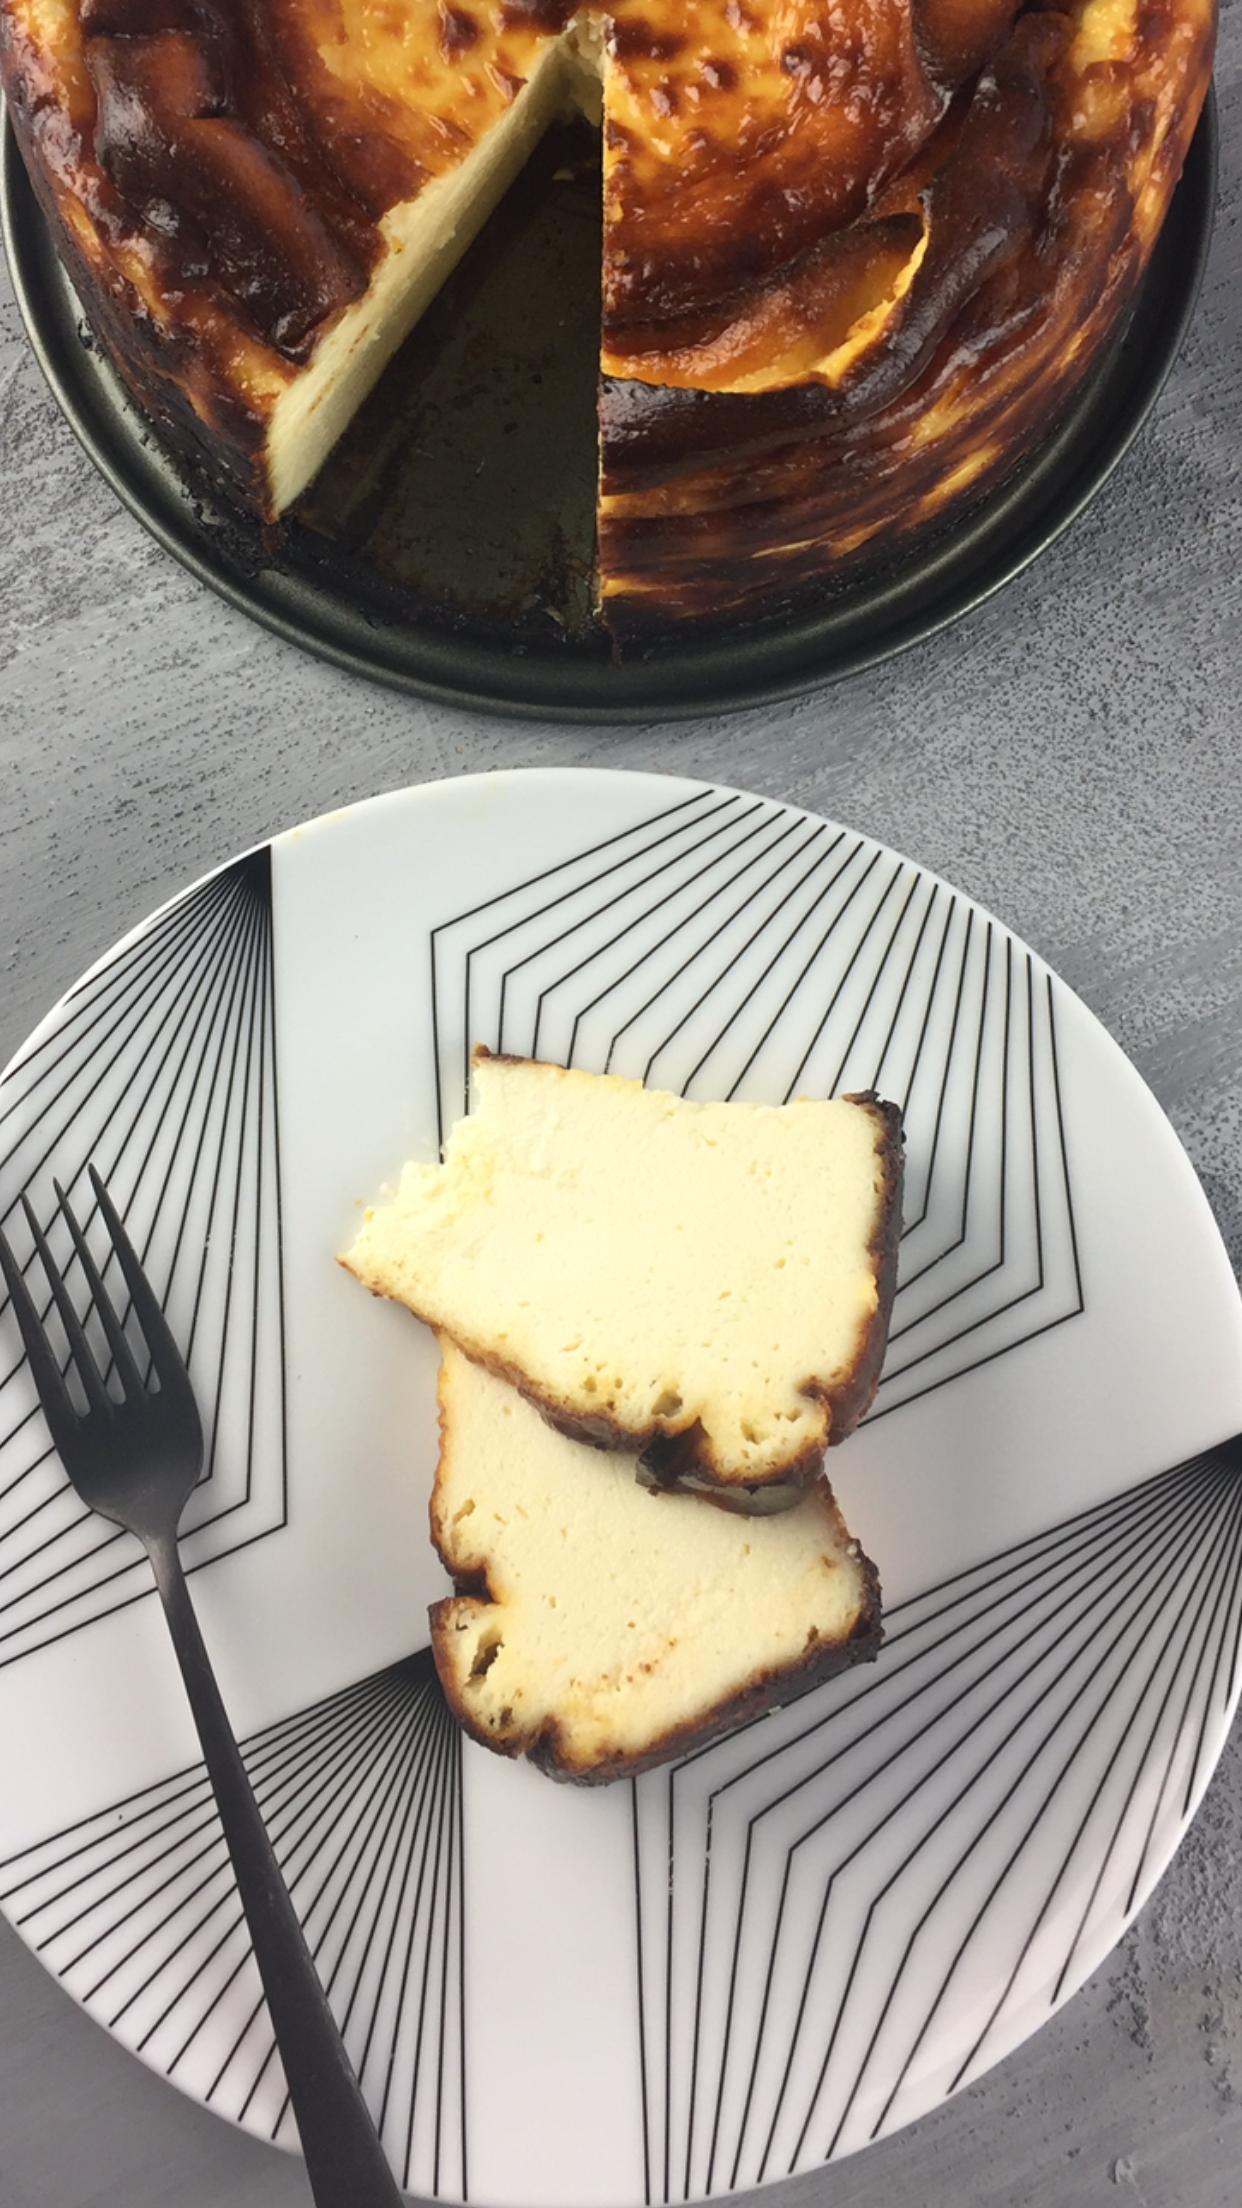 San Sebastian Cheesecake Her Yanmış Cheesecake Sansebastian Değildir